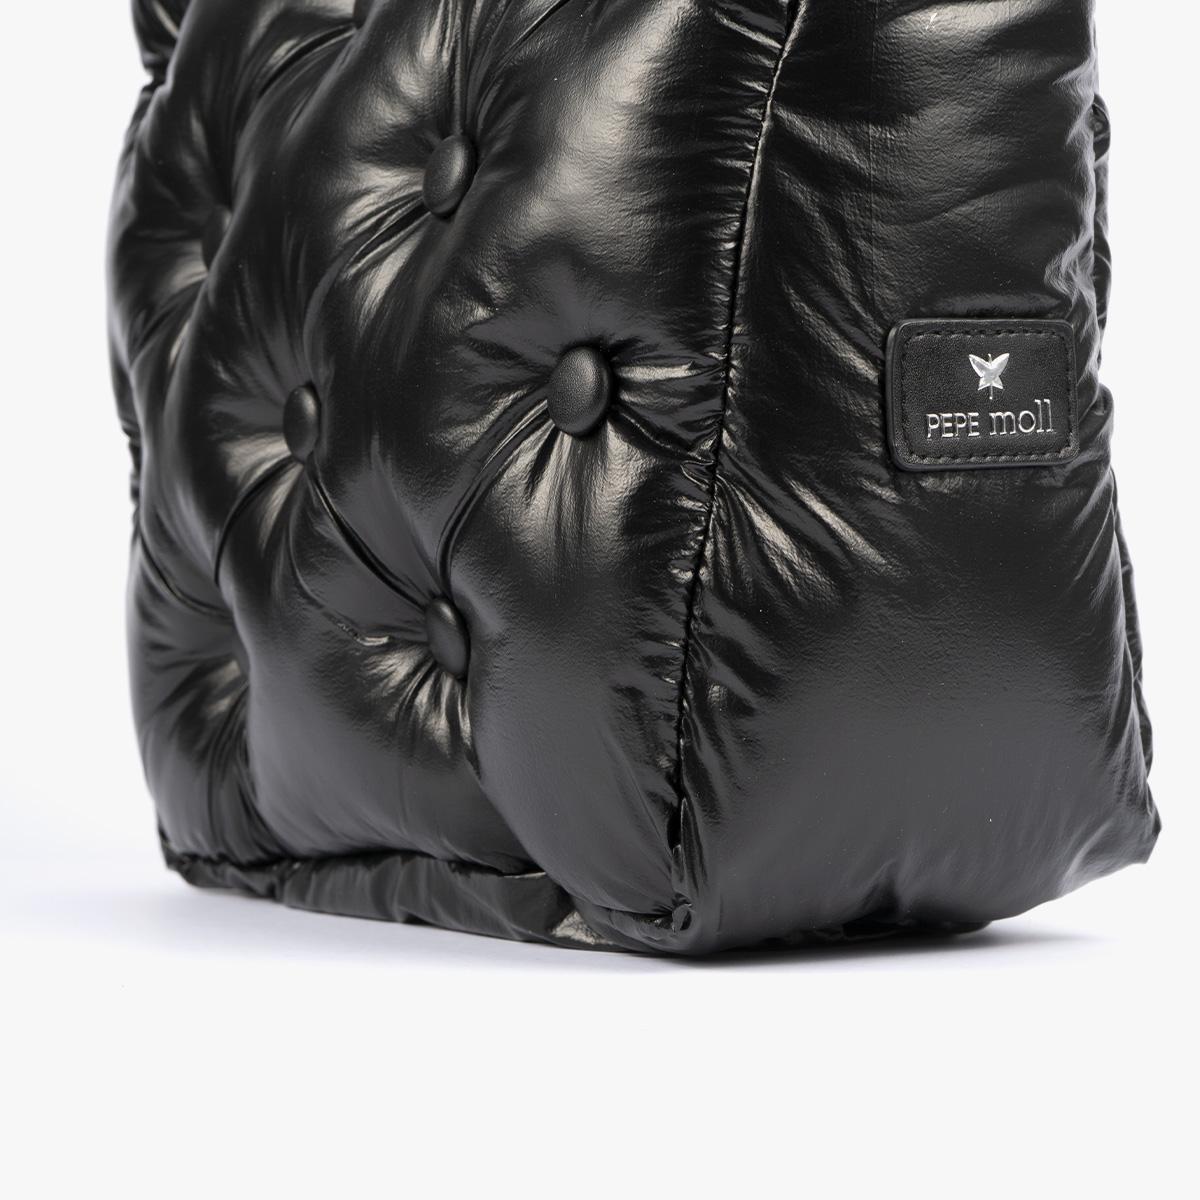 19005 chester negro detalle